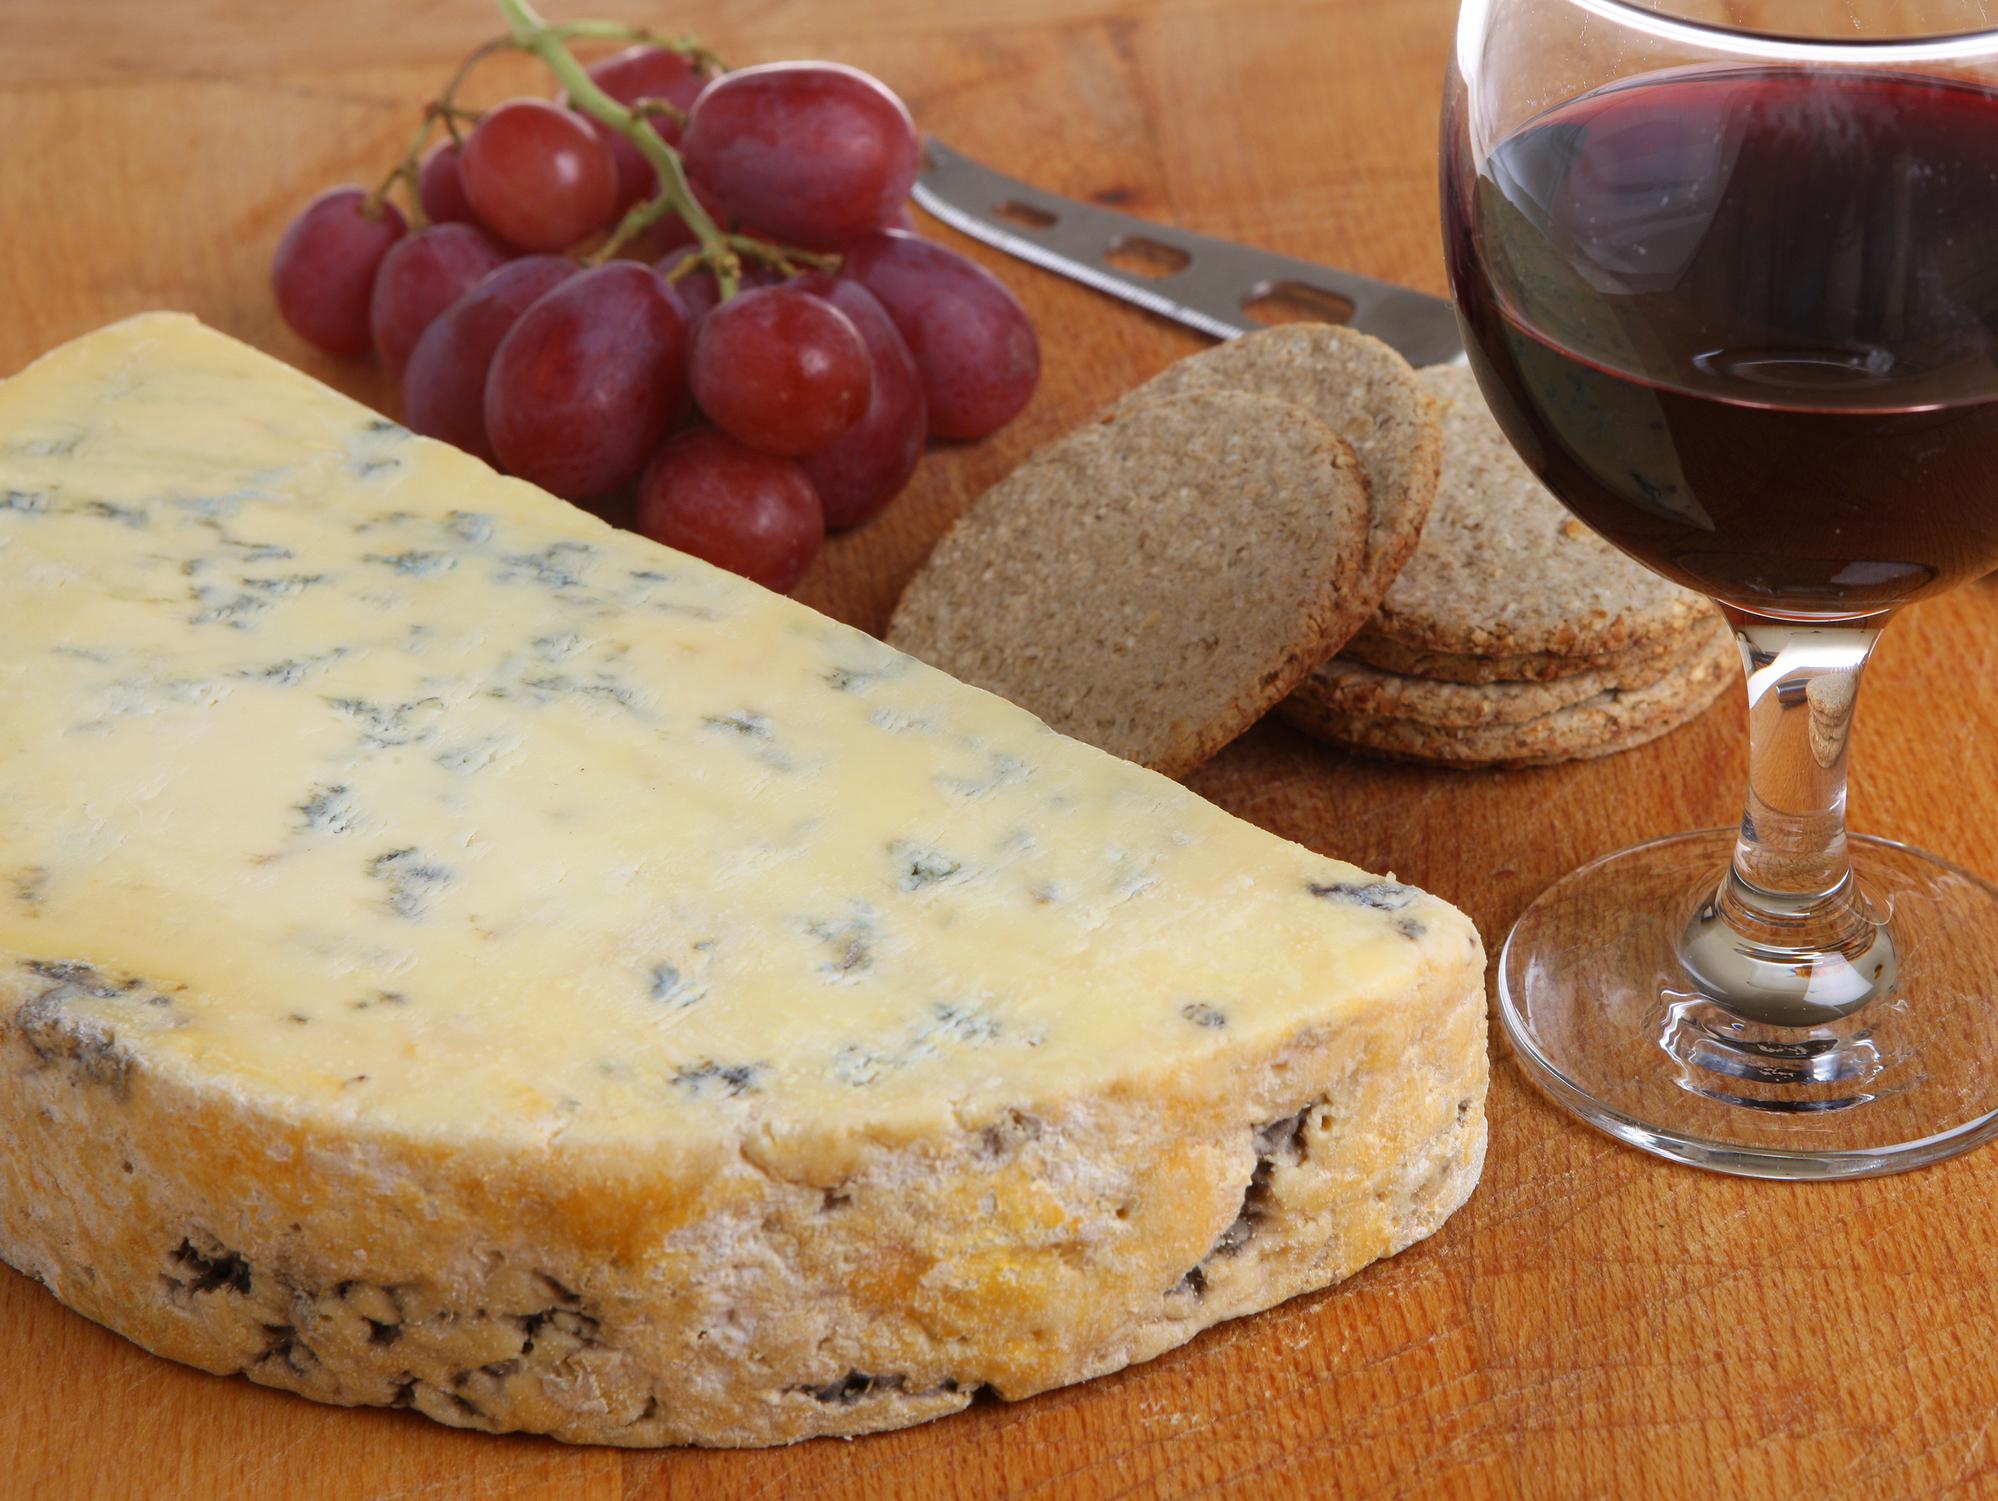 זה רק פורט: החיים הסודיים של היין האדום-מתוק מעמק הדורו